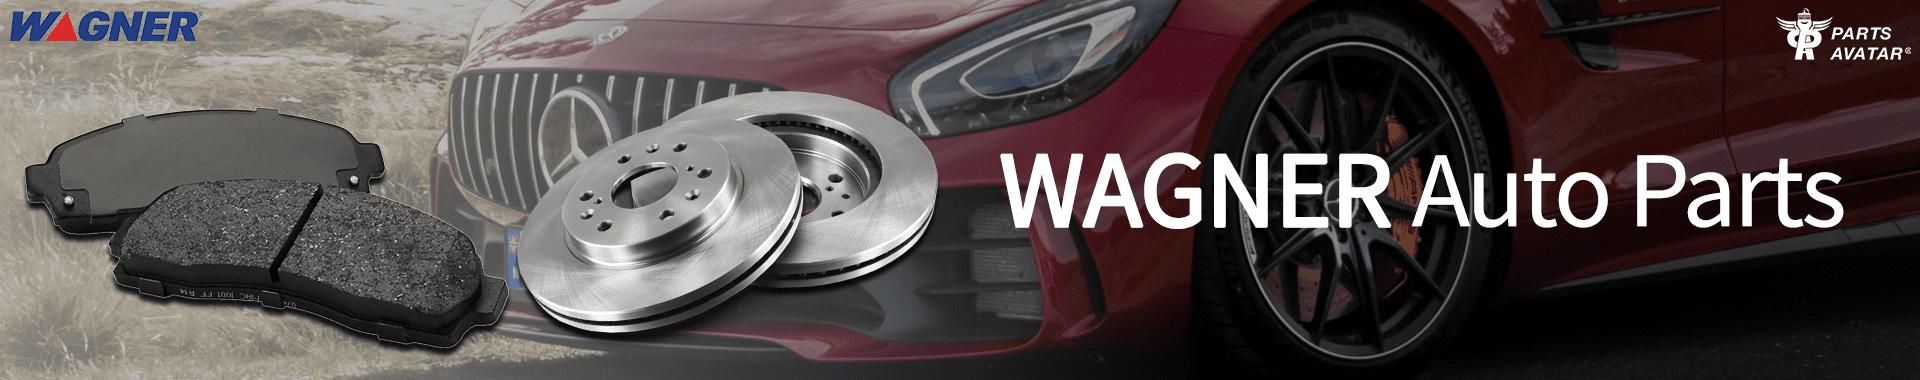 4.2. Wagner Brake Pads